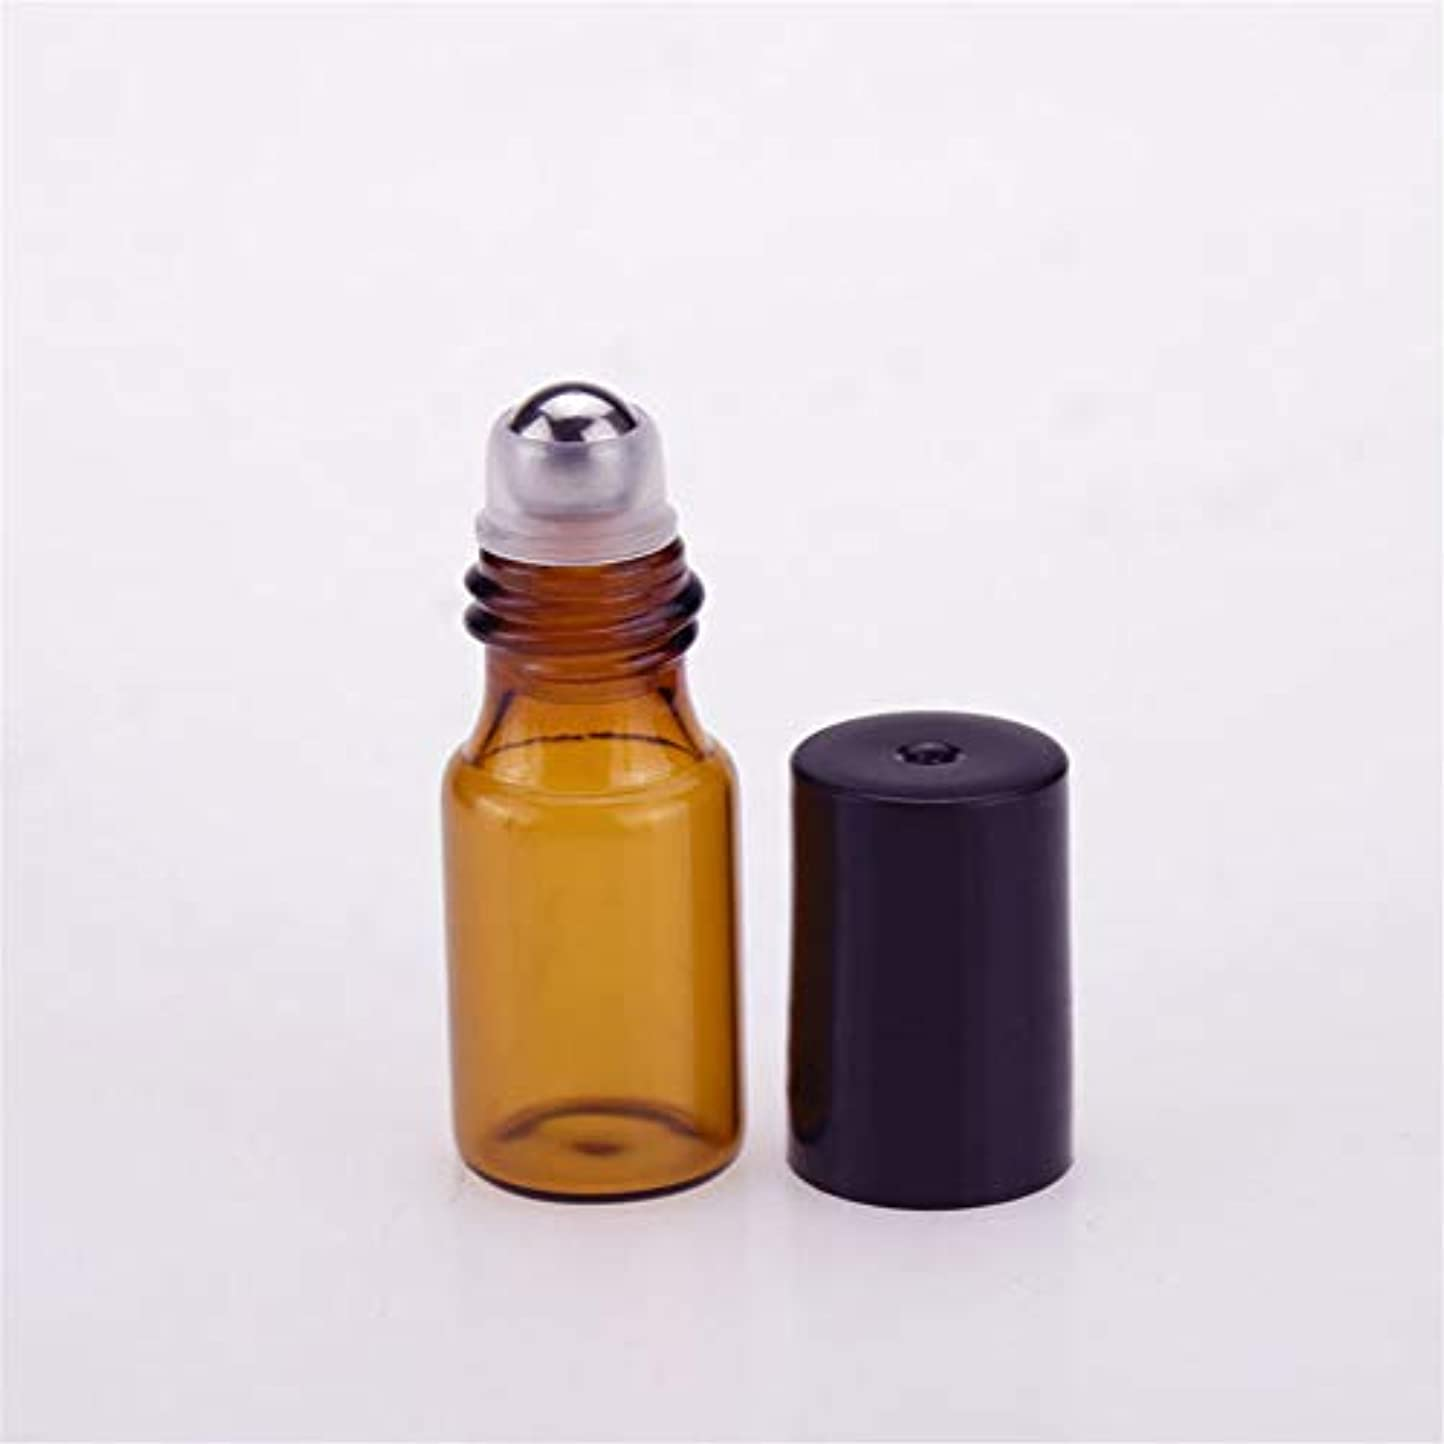 出しますこっそり保守的遮光瓶 ロールオンボトル 詰め替えボトル ガラスロールタイプ アロマオイル瓶 香水 精油 小分け アロマボトル 保存容器 茶色3ml 12本セット(プラスチックスポイト2本+漏斗2個+デルタオープナー1個付き)